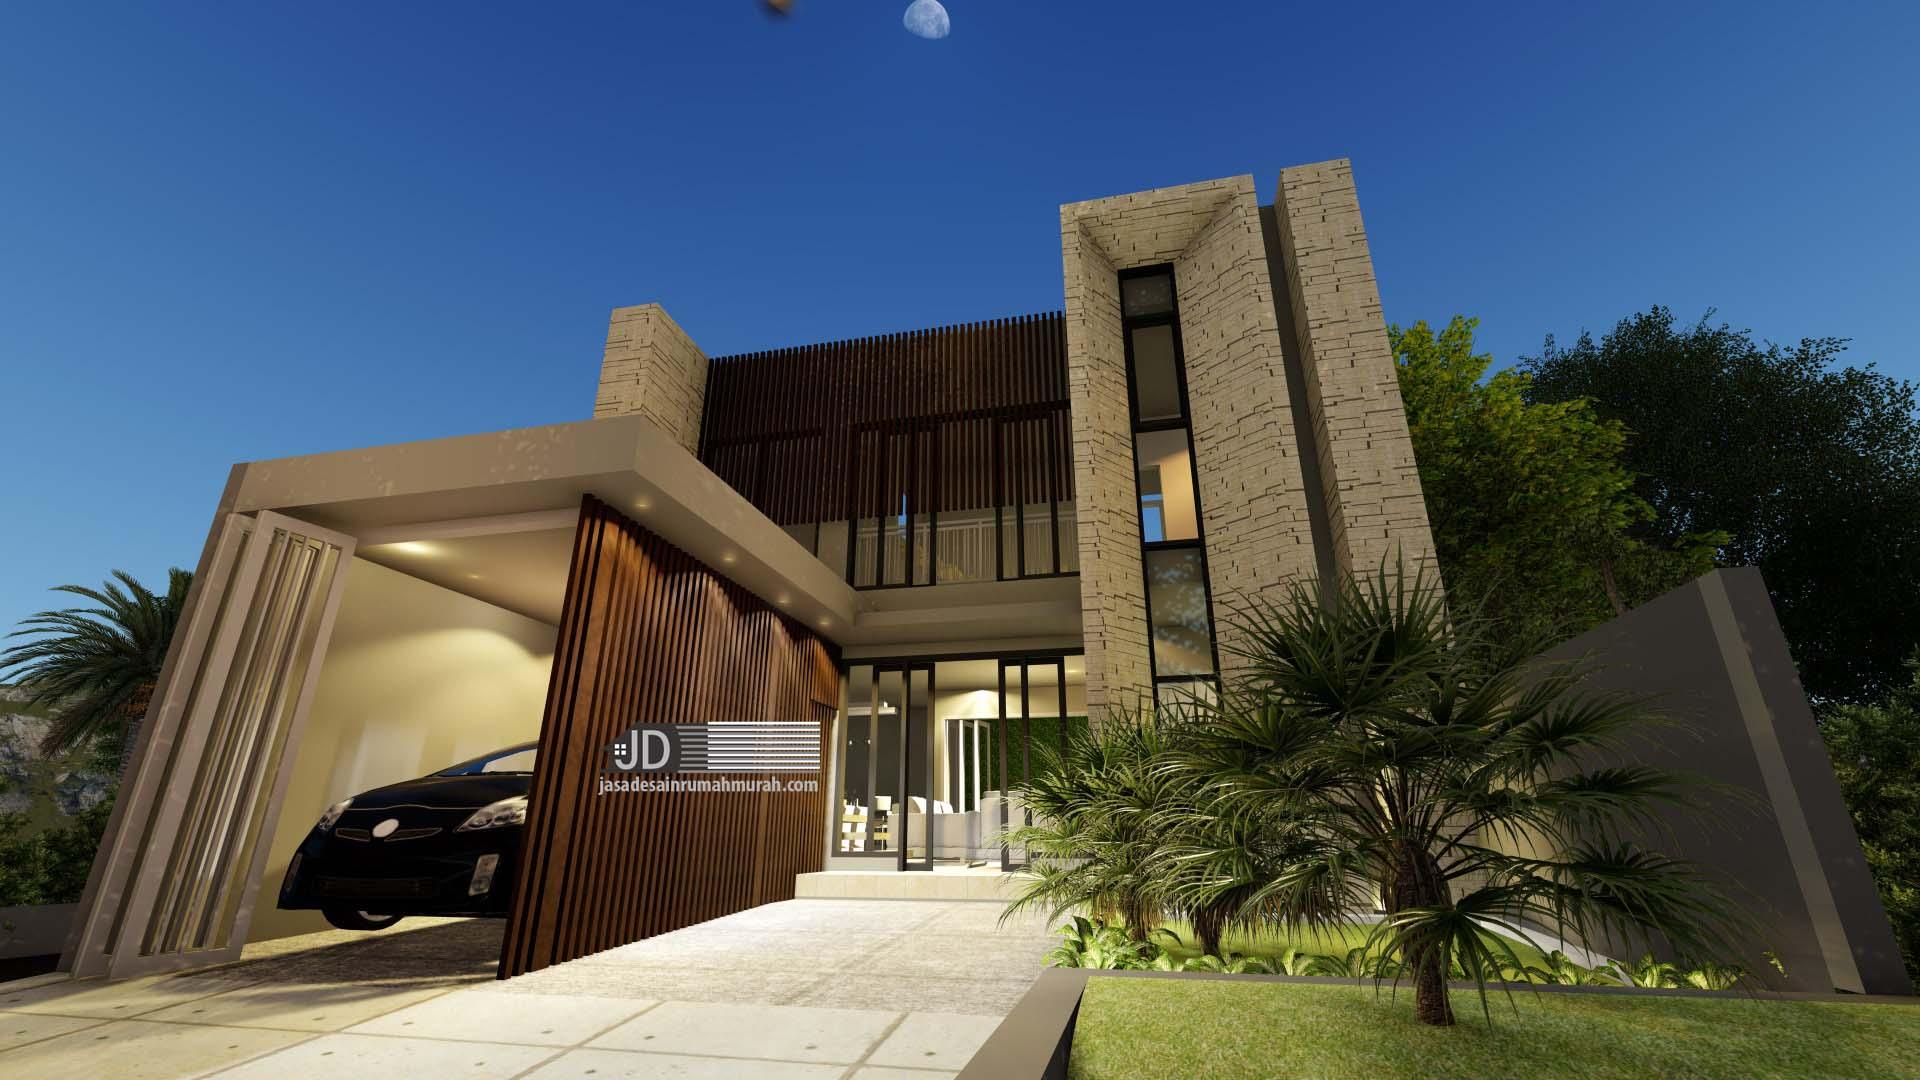 Jasa Desain Rumah Modern Kontemporer Ibu Diana Saadah Di